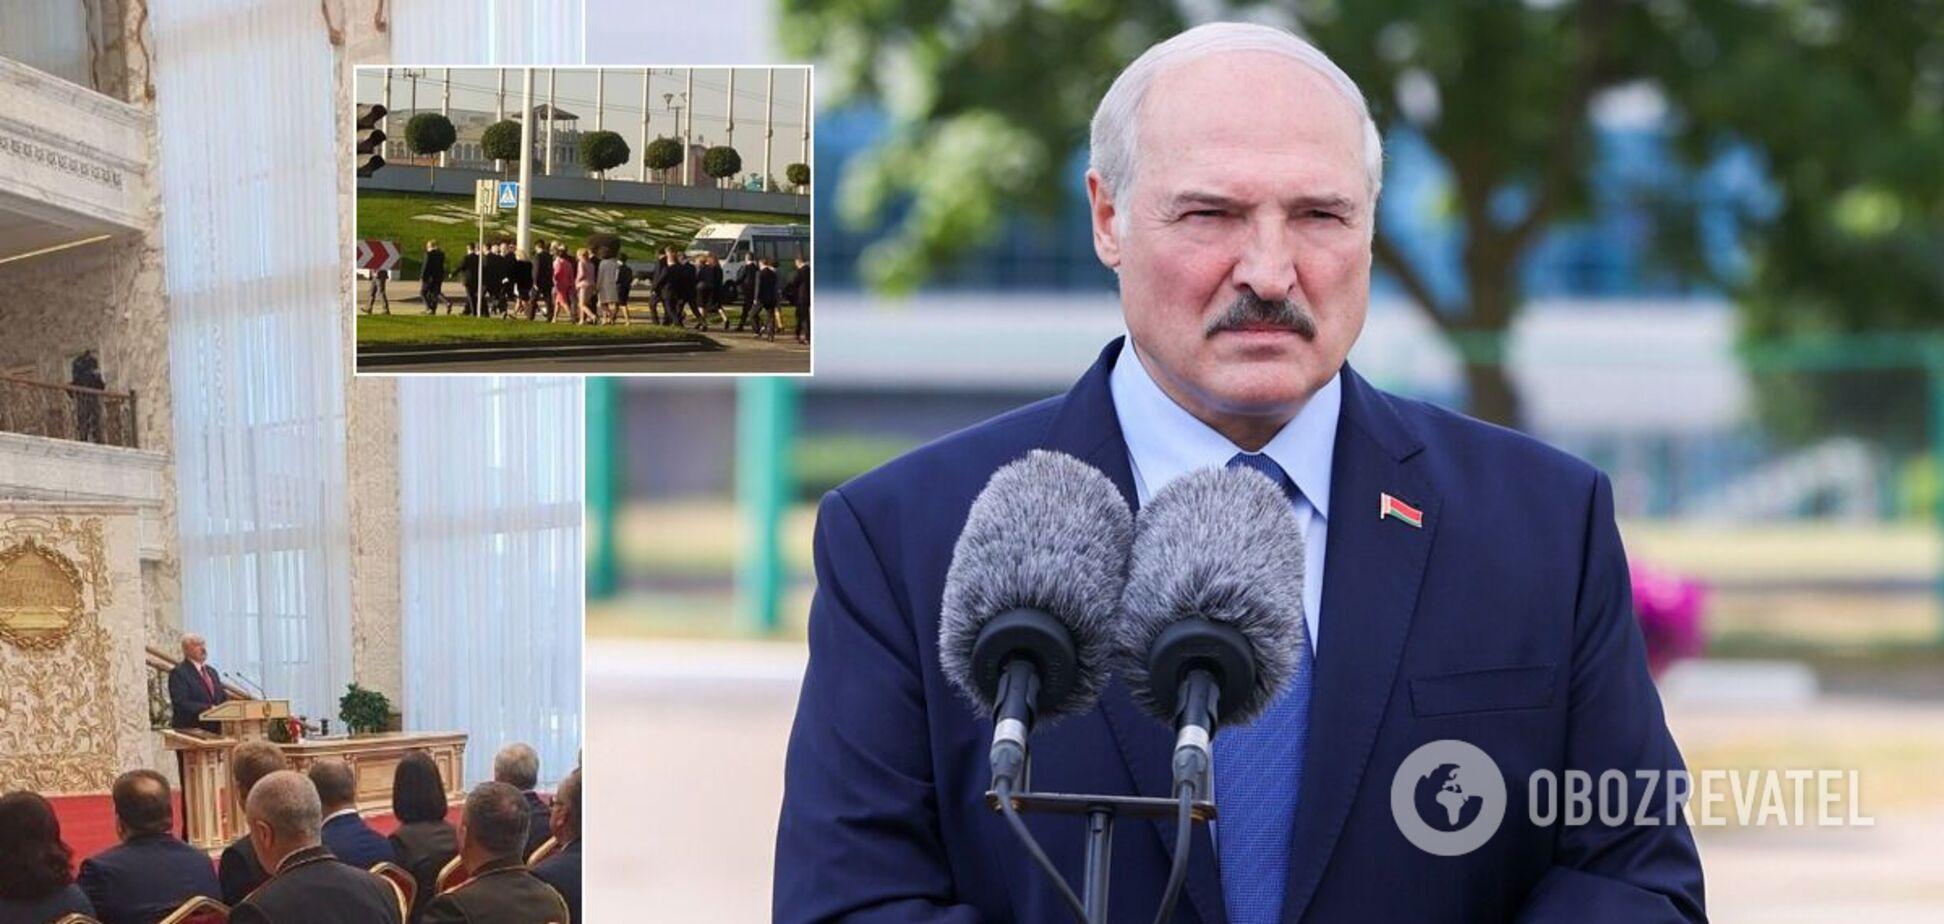 Олександра Лукашенка запідозрили в таємній інавгурації